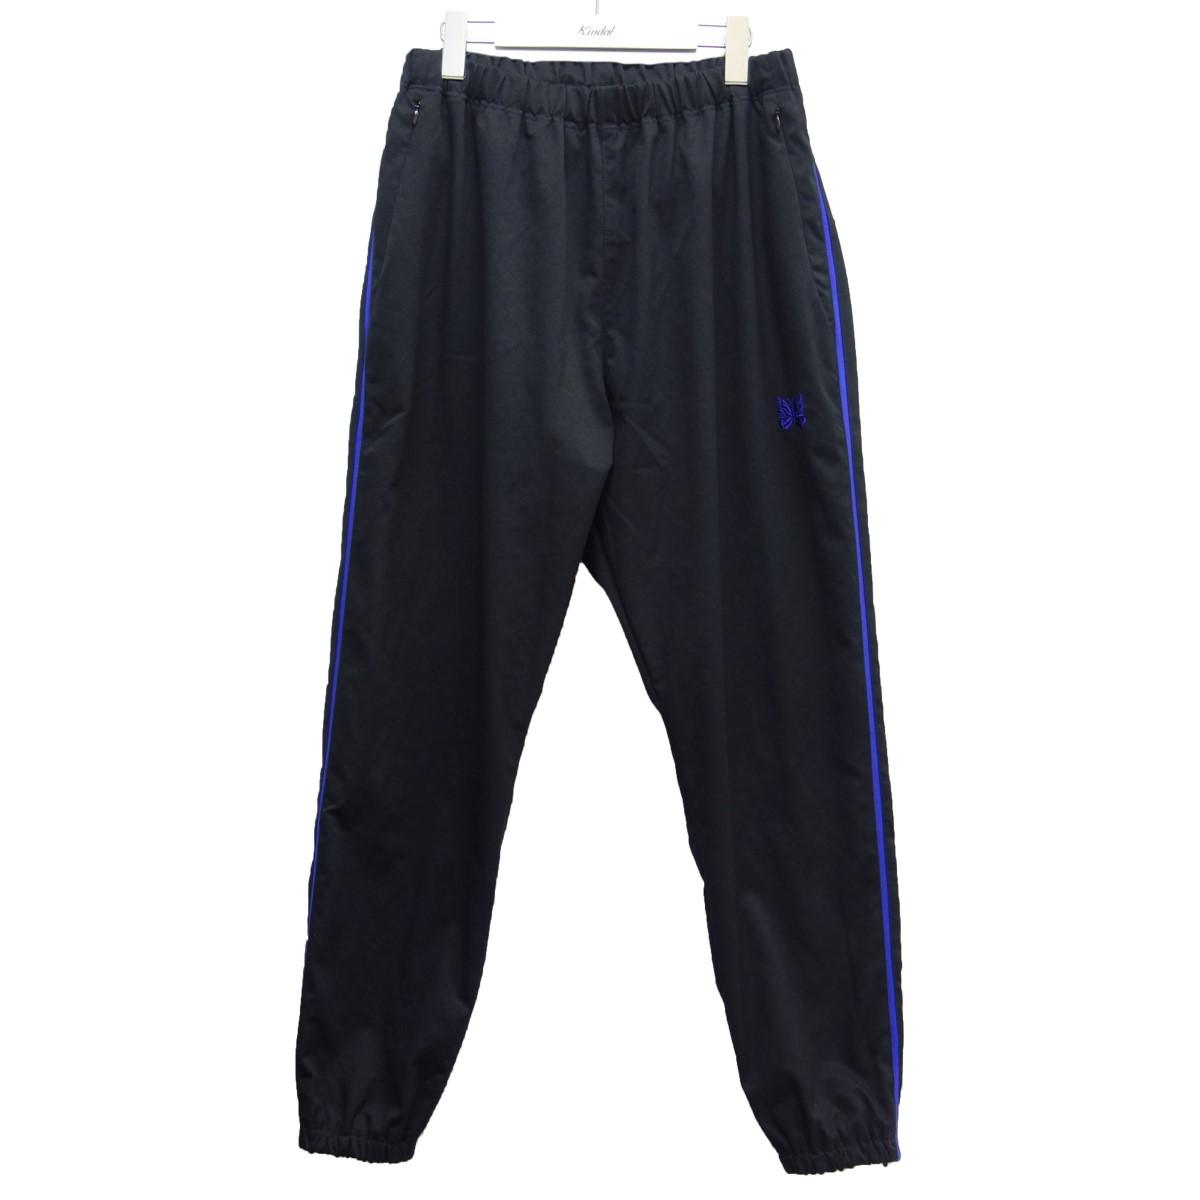 【中古】Needles 「Side Line Seam Pocket Pants」サイドラインシームポケットパンツ ブラック サイズ:S 【030720】(ニードルス)